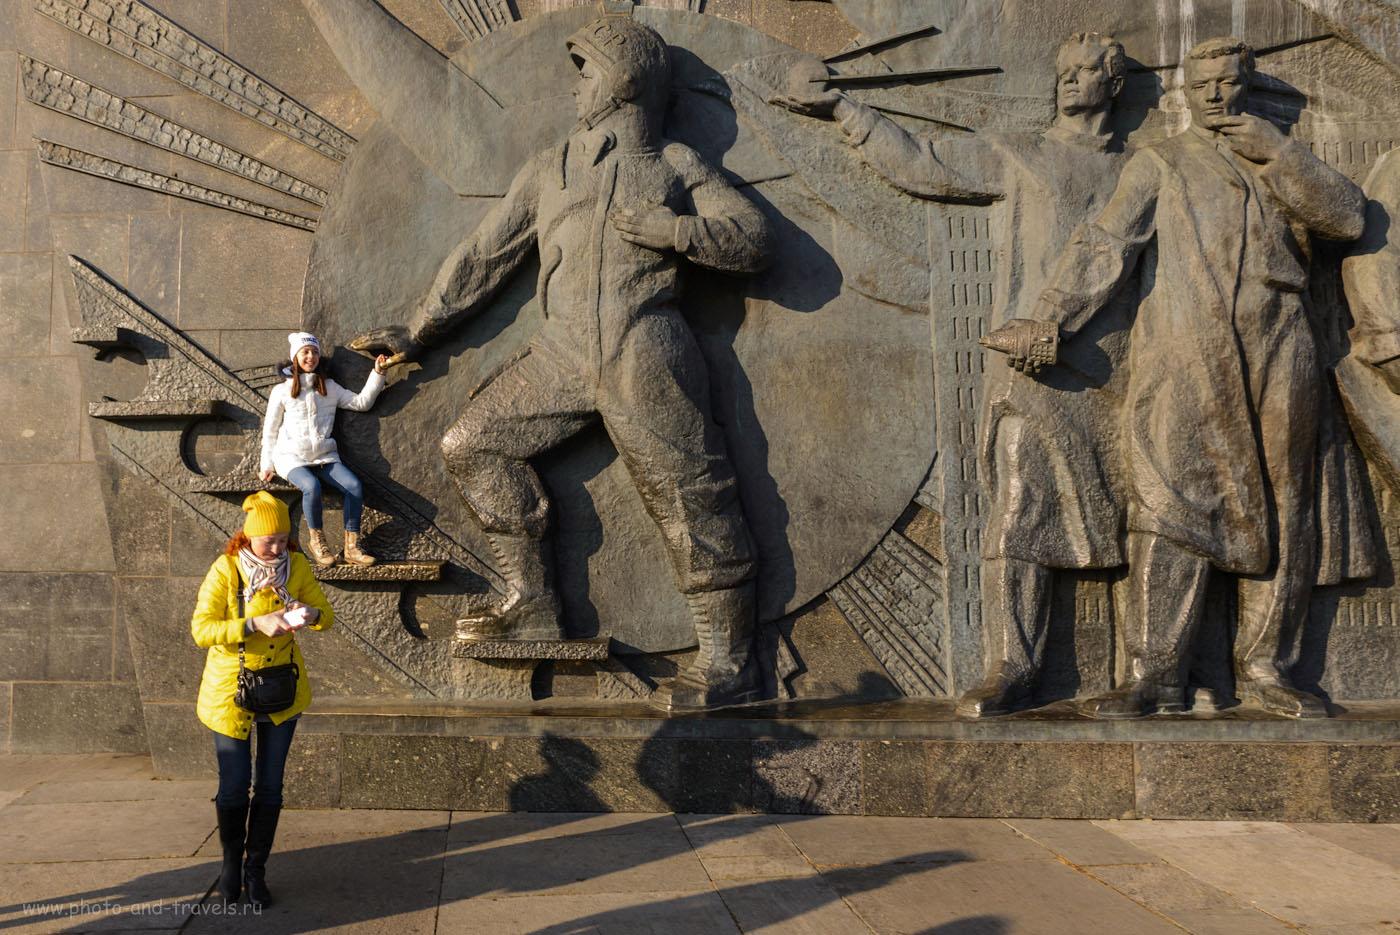 Фото 4. Фигуры у основания Монумента покорителям космоса. Какие интересные места можно увидеть в Москве за несколько часов. 1/50, +1.0, 9.0, 100, 24.